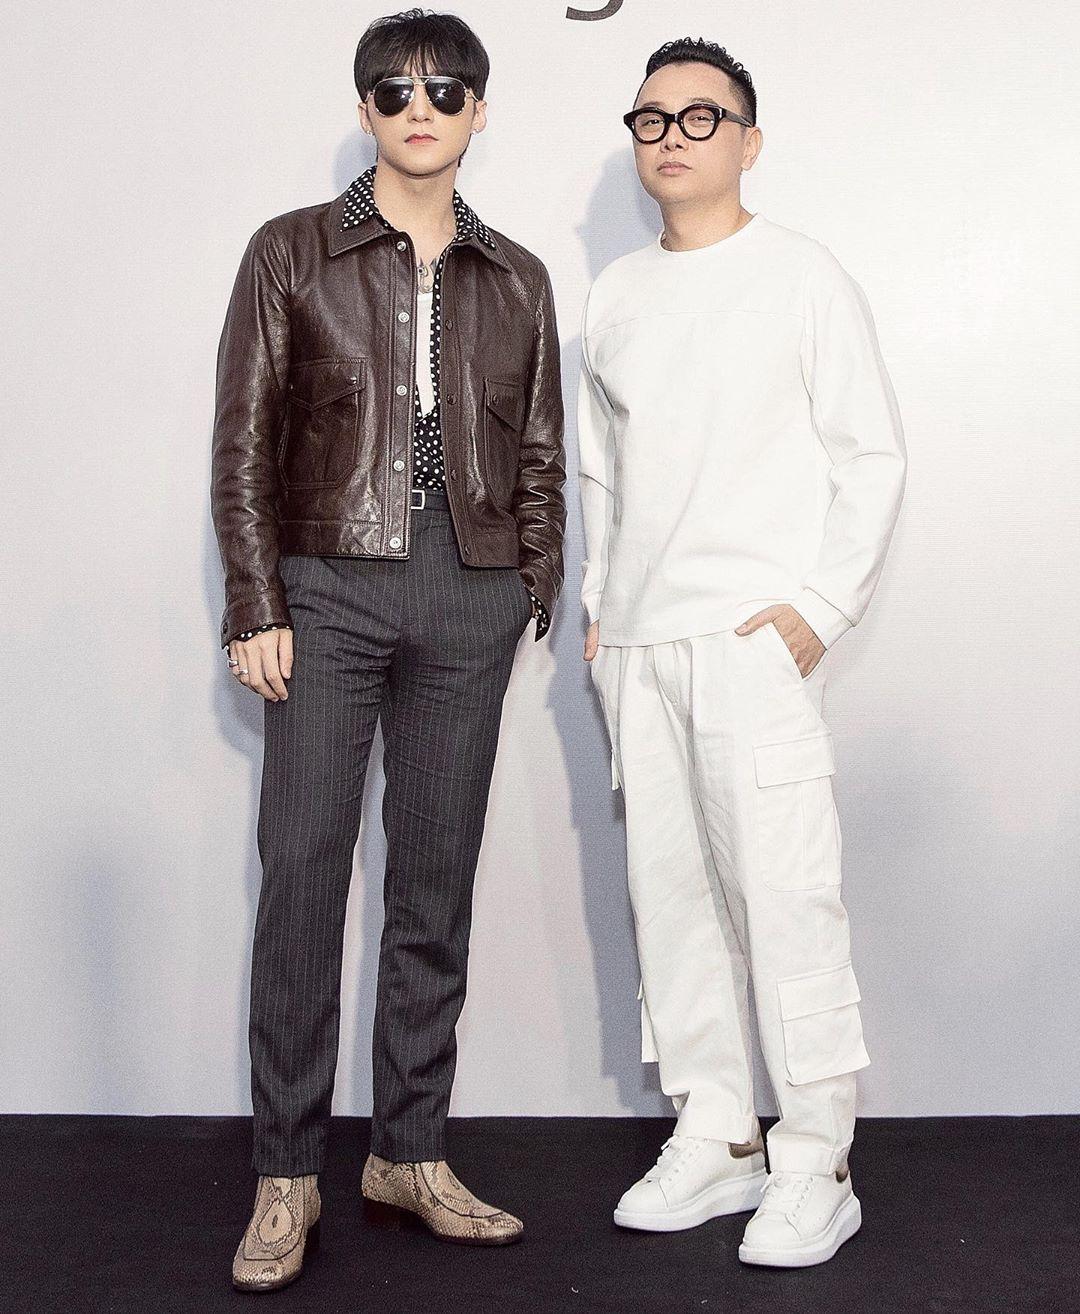 ca sĩ Sơn Tùng MTP - sao nam mặc đẹp